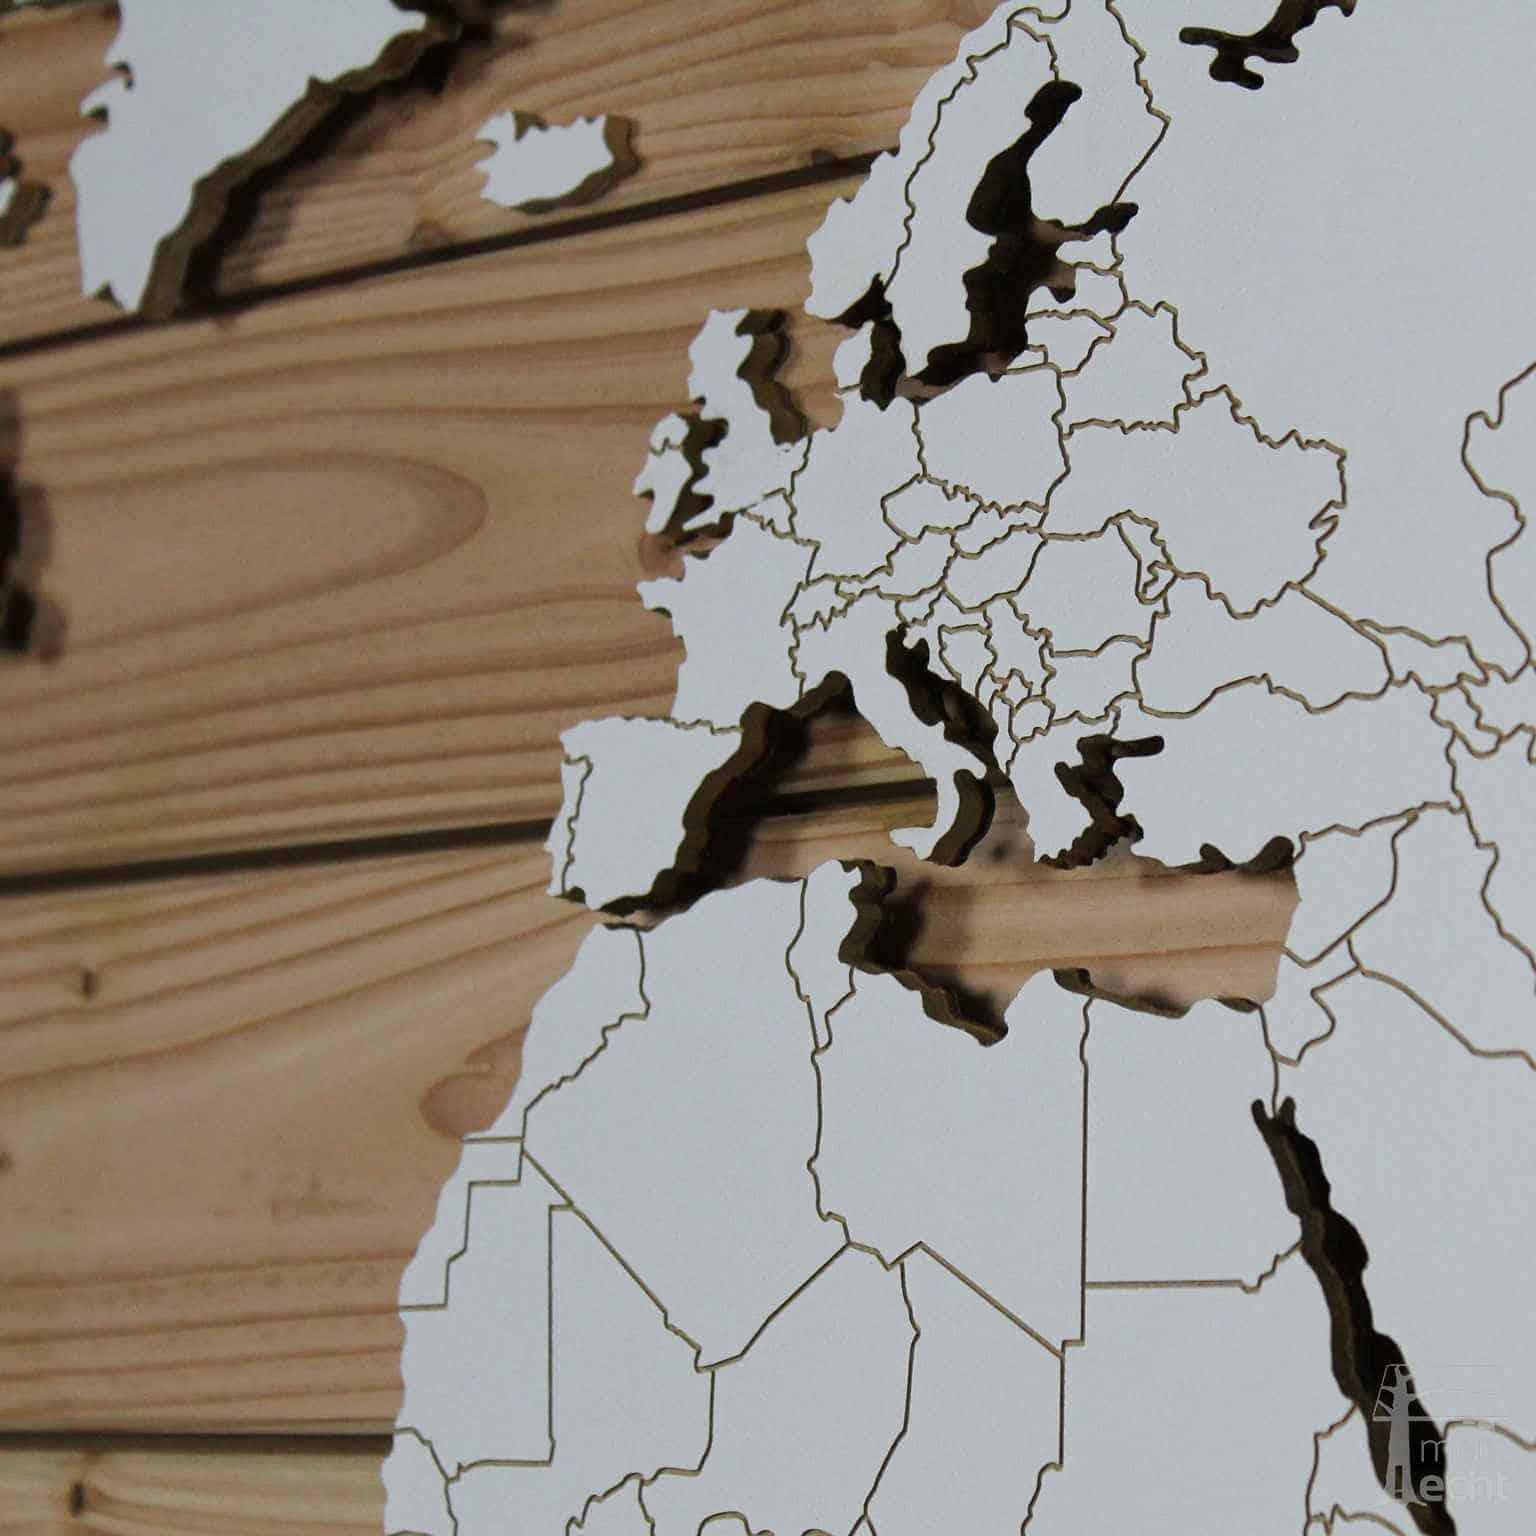 Kontinente Weltkarte DIY Bausatz weiß ländergrenzen